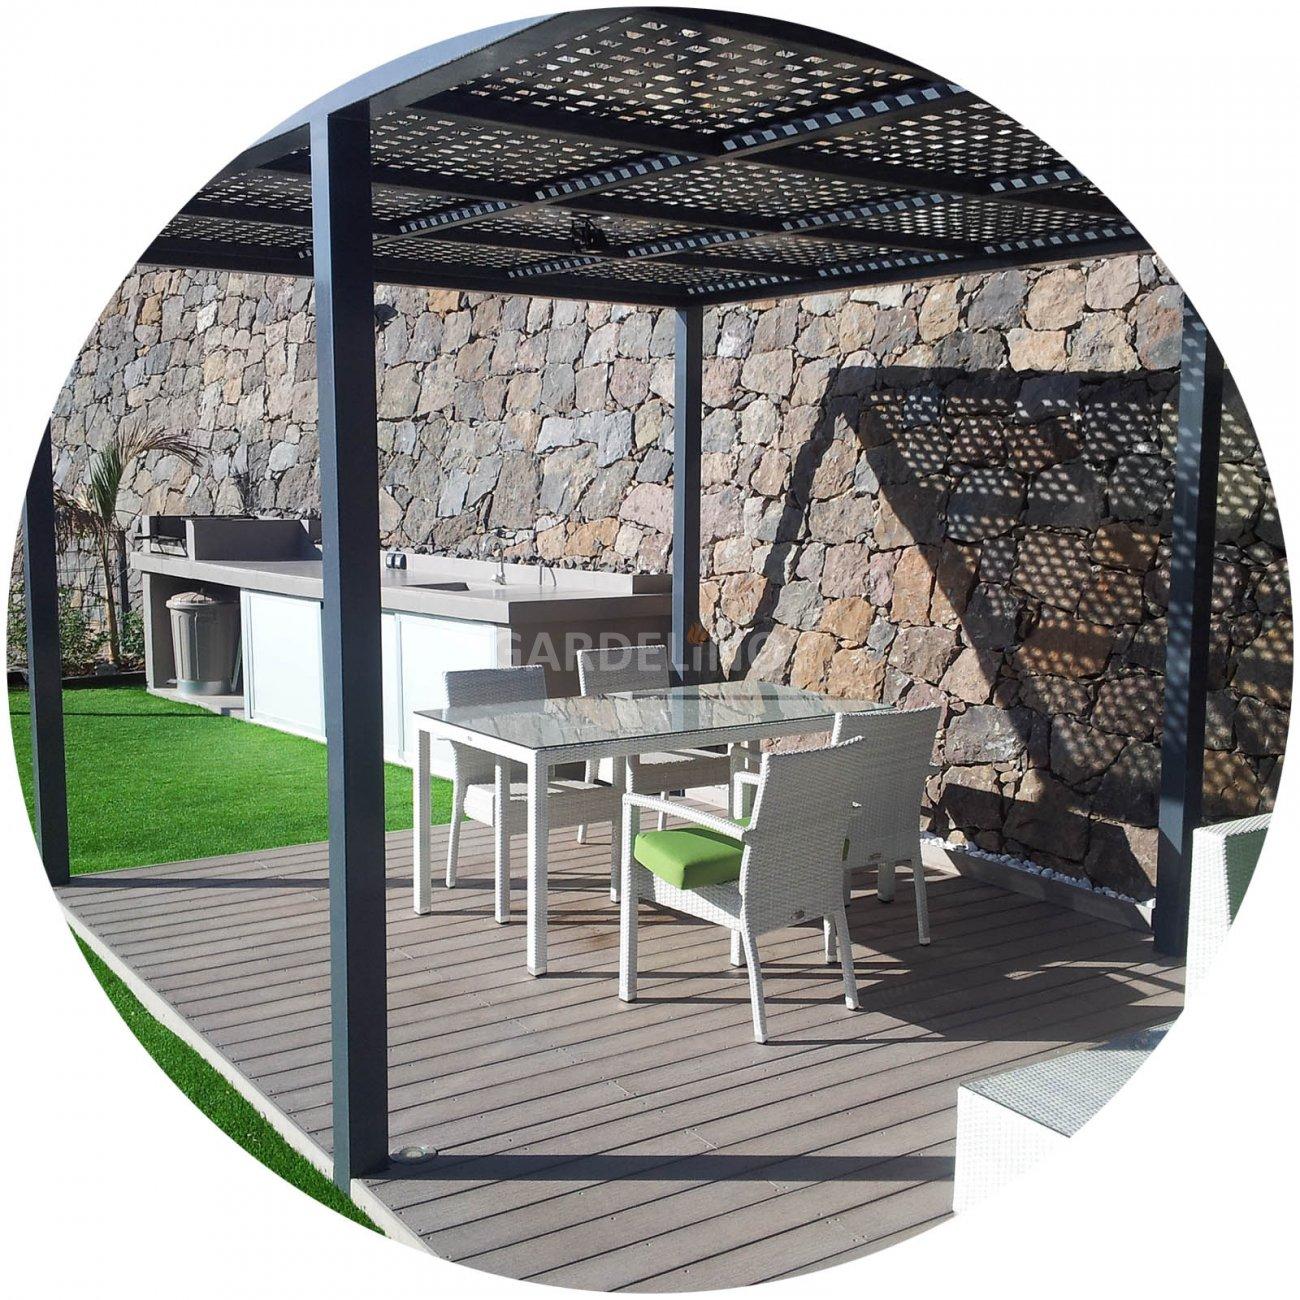 Niedlich Diy Outdoor Küche Insel Pläne Fotos - Ideen Für Die Küche ...